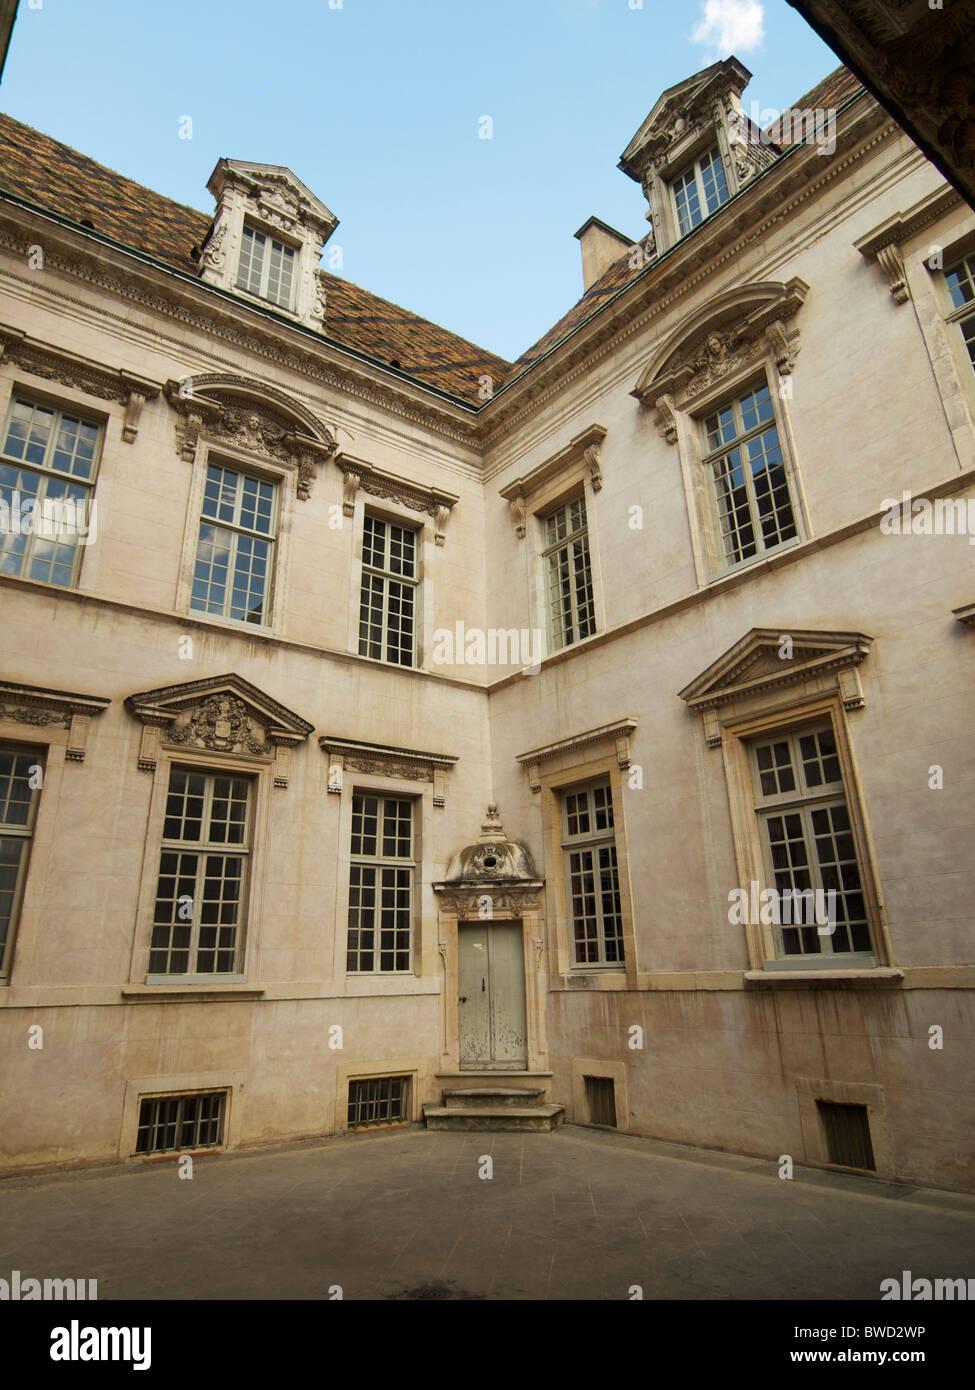 Cour intérieure de l'hôtel de Vogue, Dijon, Bourgogne, France Photo Stock